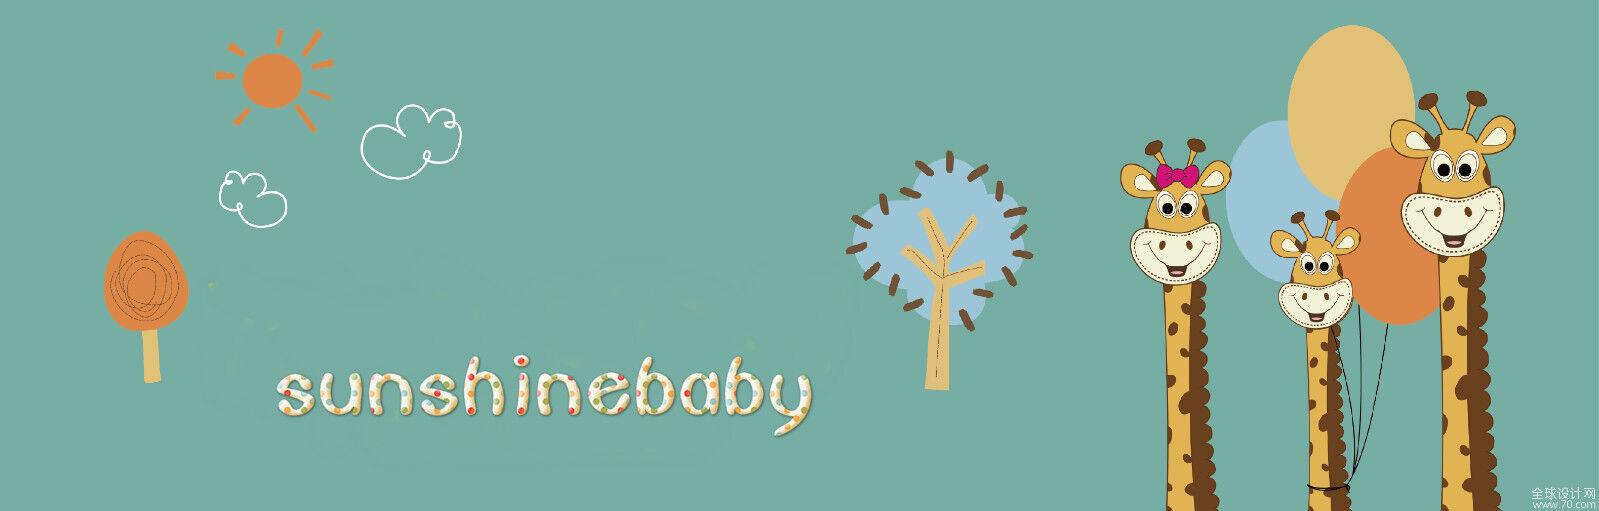 sunshinebaby0307